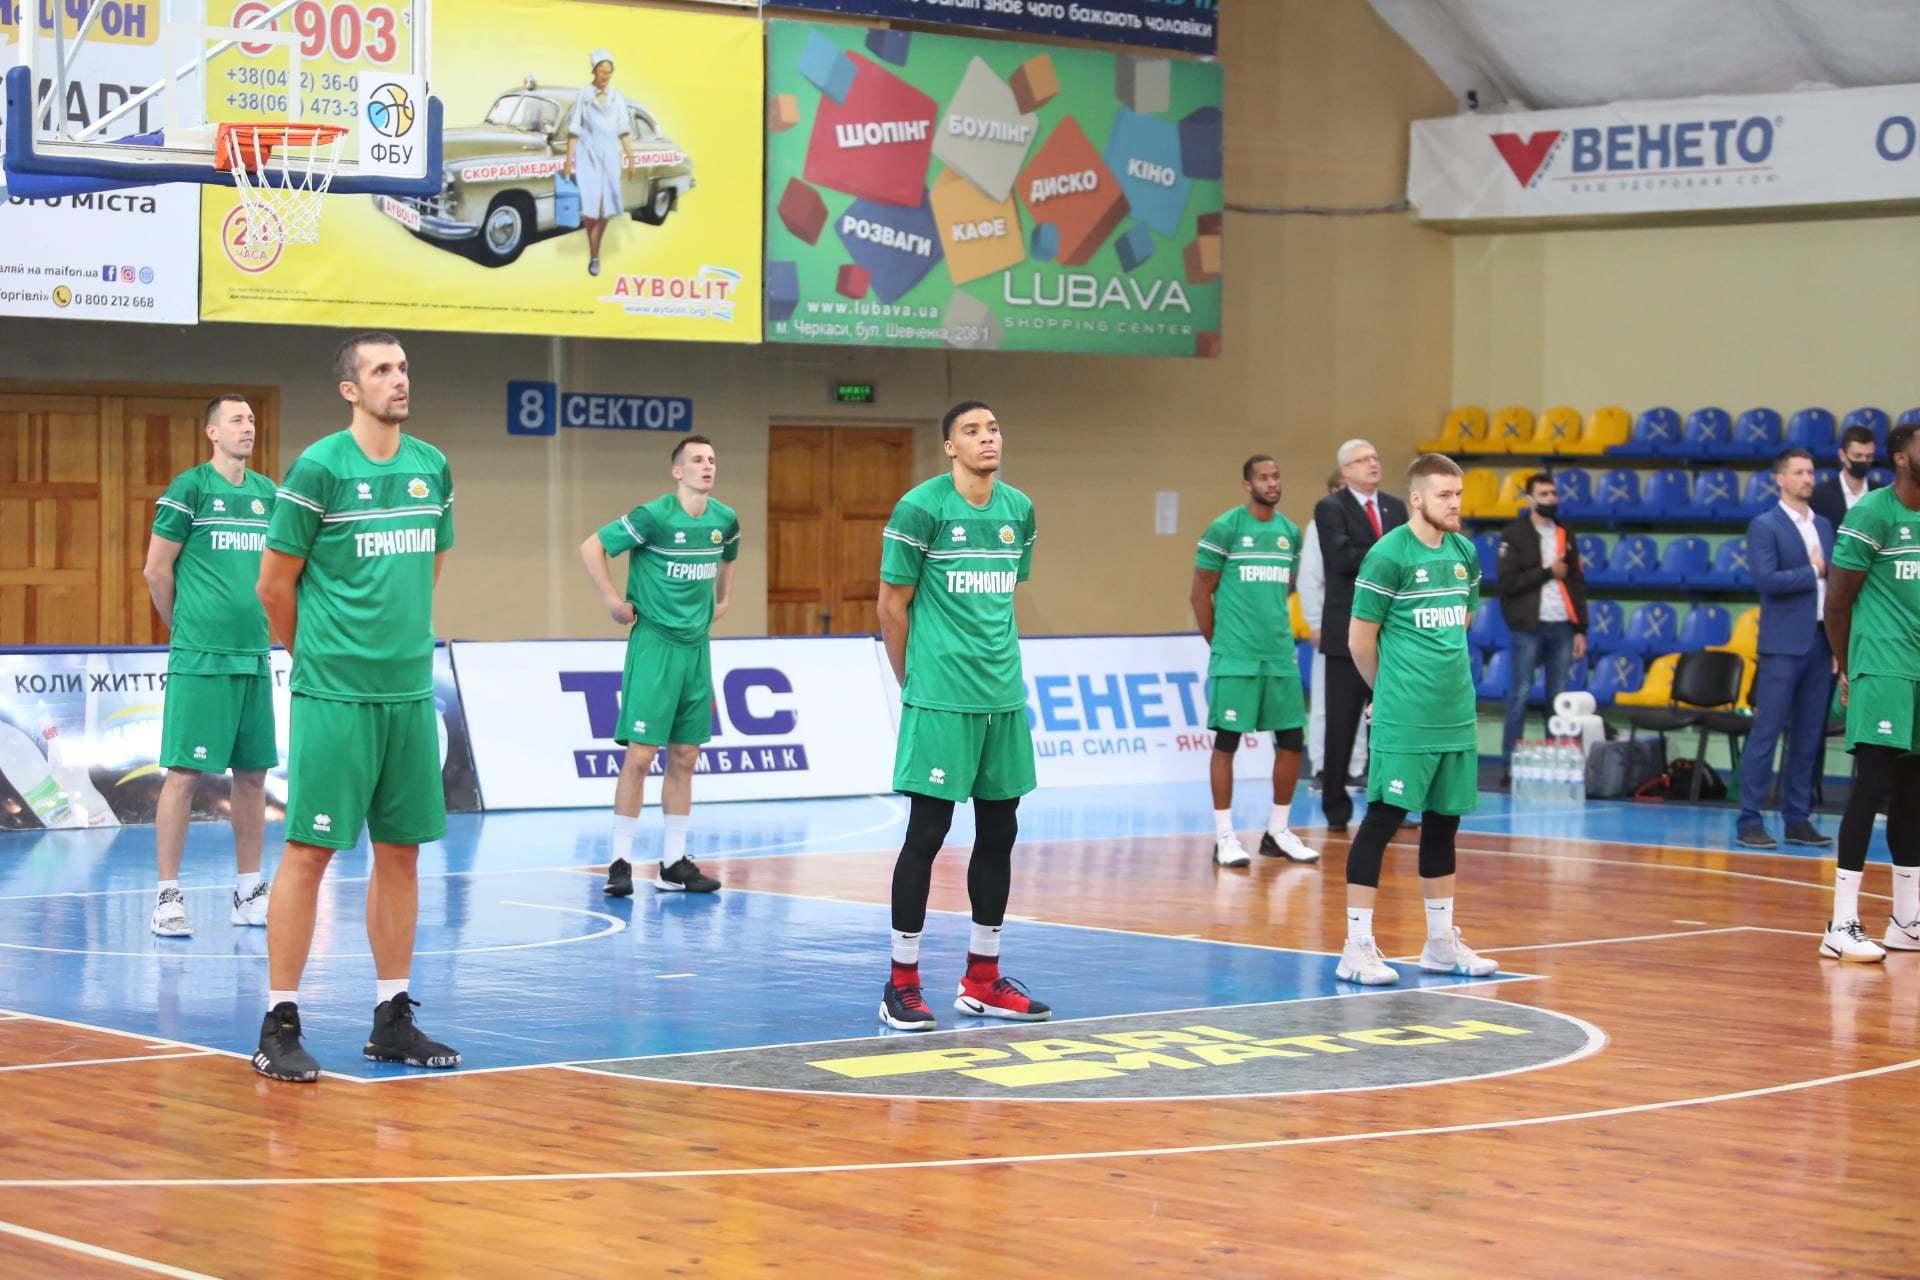 Тернопіль зіграє домашні матчі проти Дніпра та Харківських Соколів у Львові